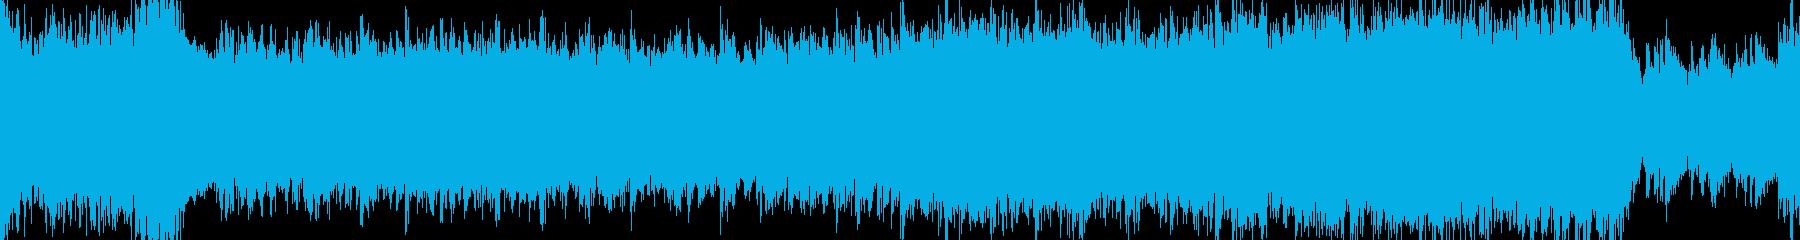 雄大生コーラスとオーケストラ【ループ可】の再生済みの波形